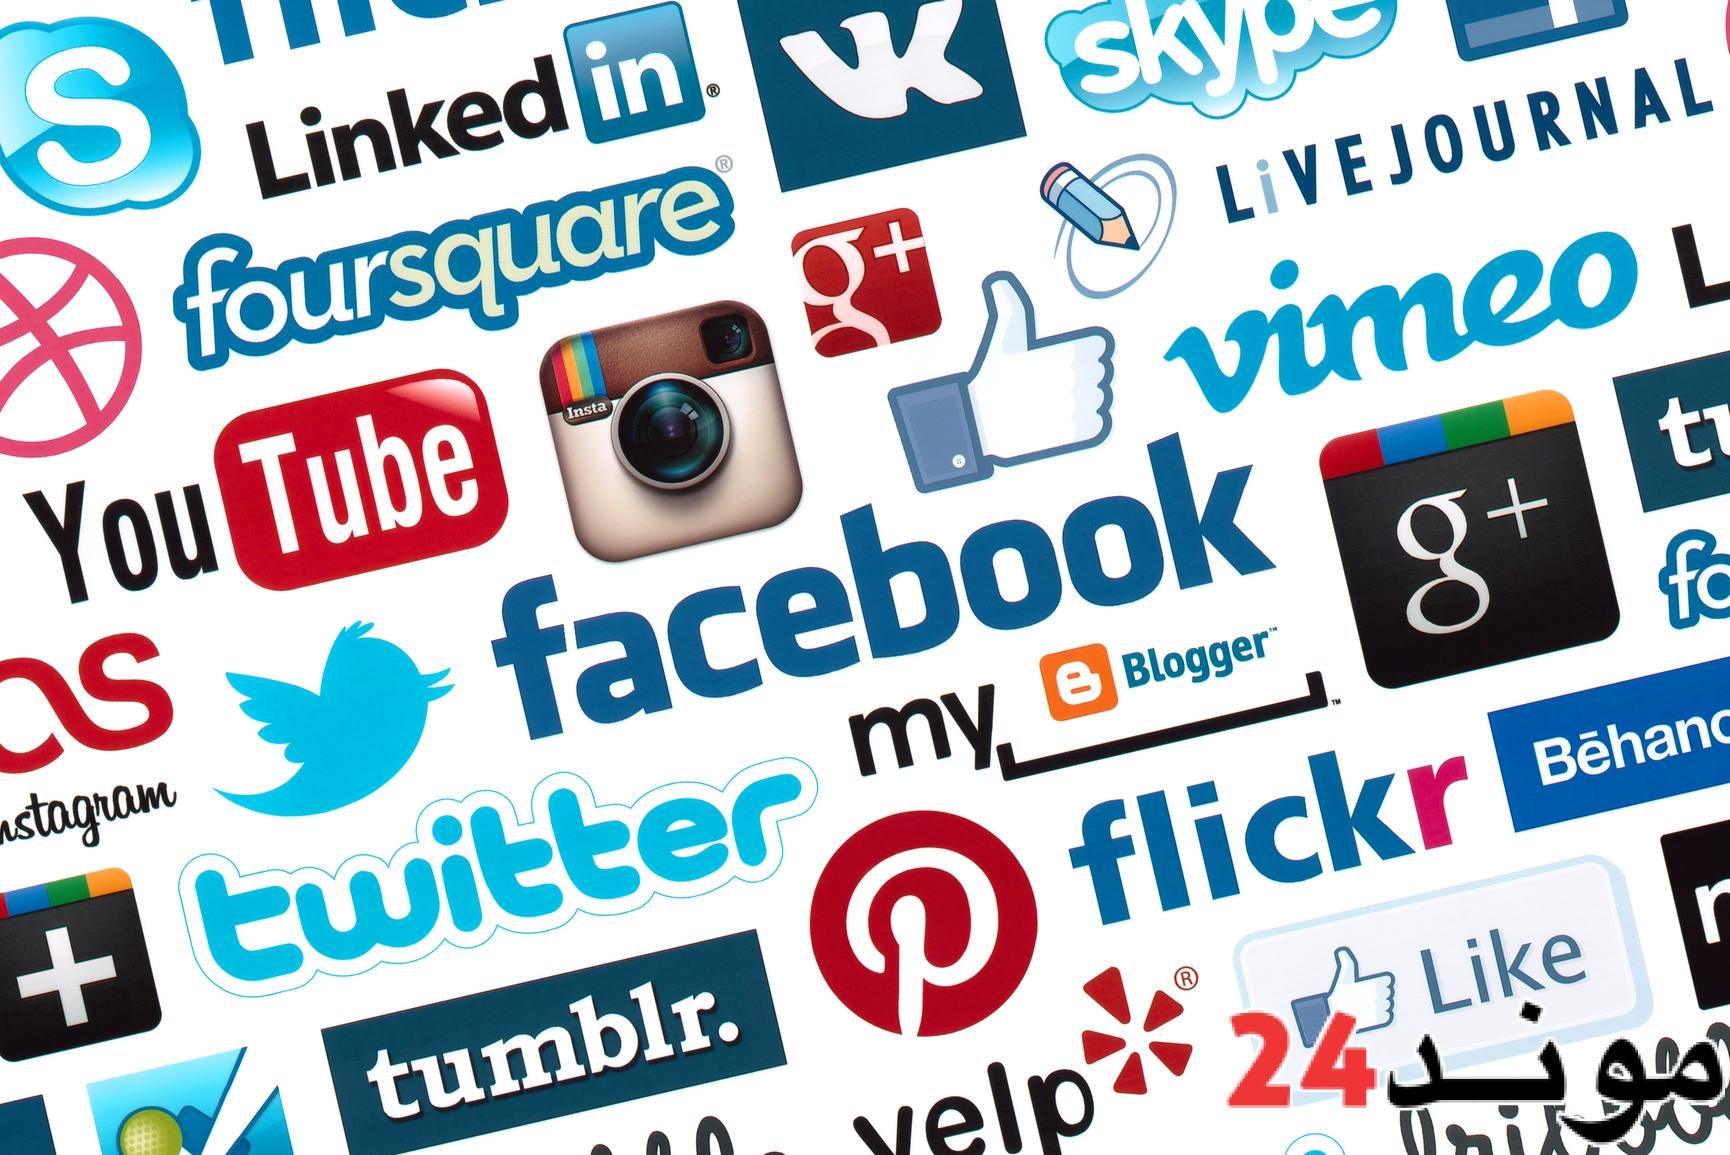 دور وسائل التواصل الاجتماعي في تشكيل الوعي الاجتماعي – ذ. محمد ازرقان